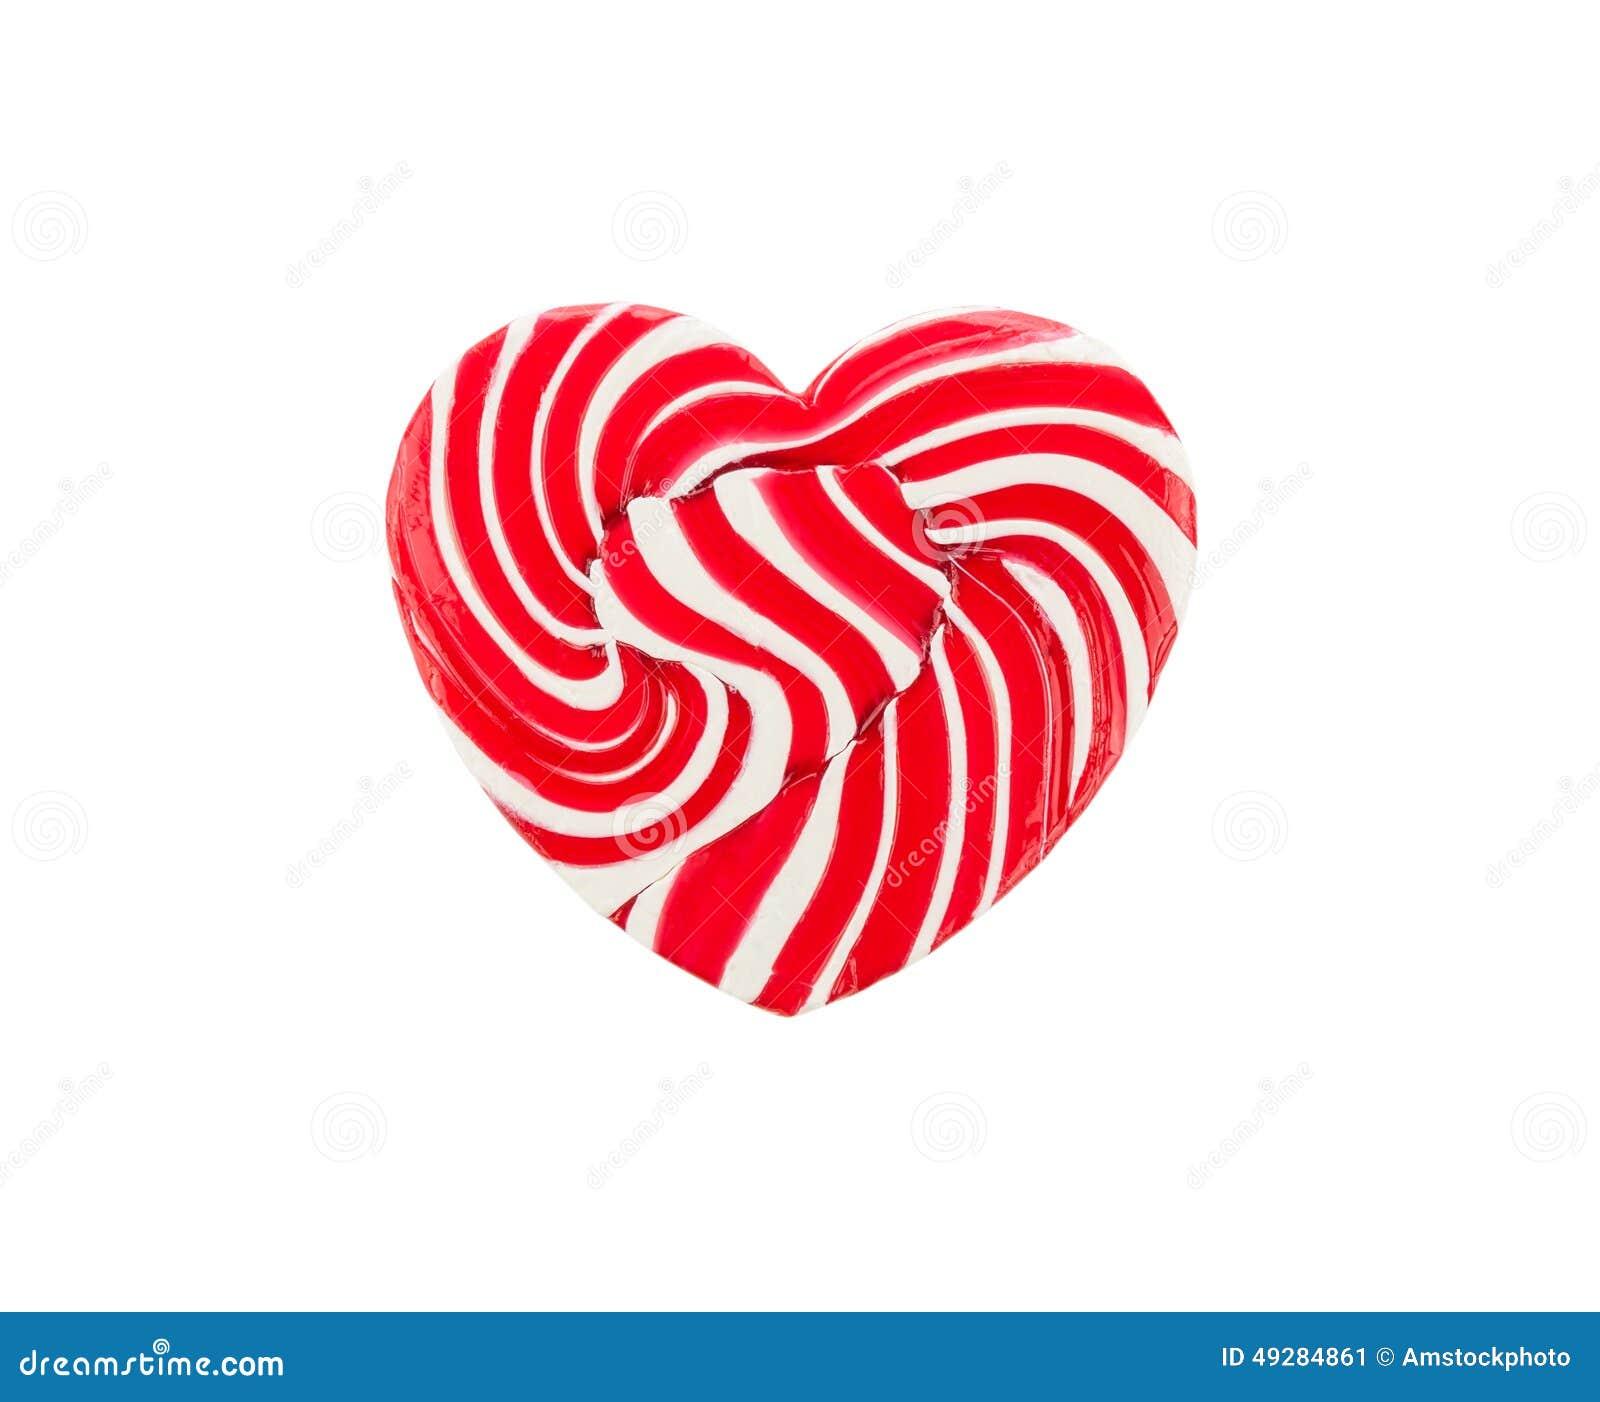 红色重点棒棒糖图片